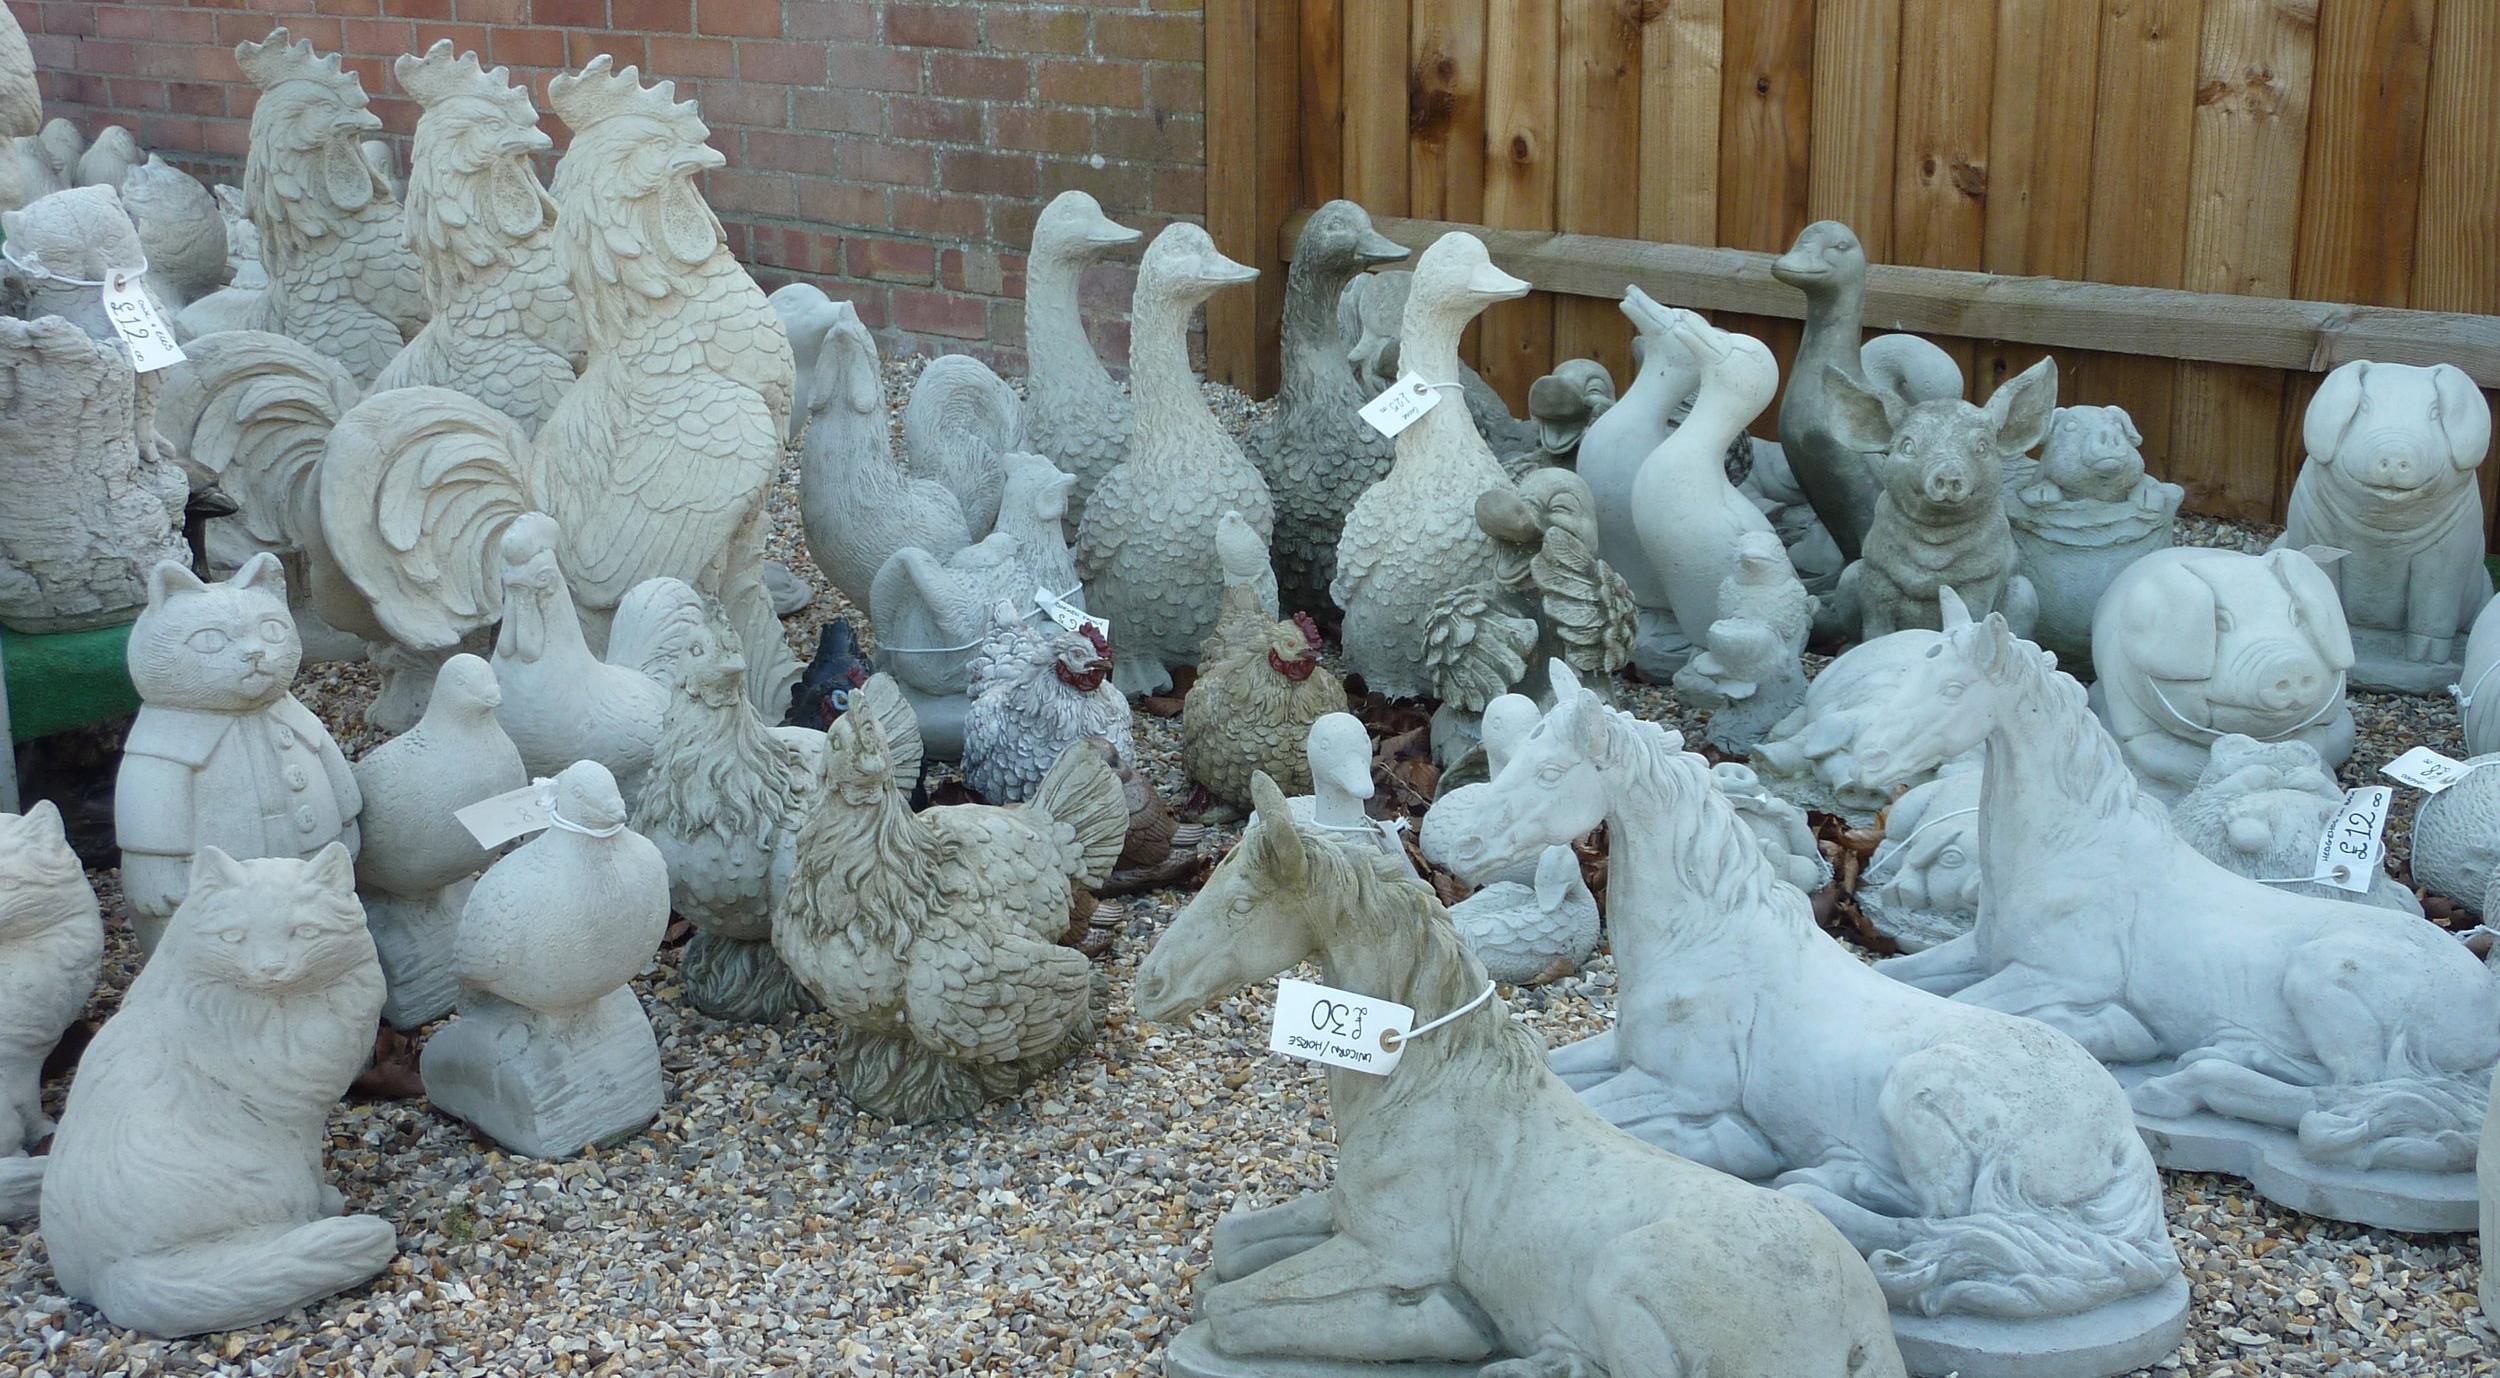 Cast In Stone garden ornaments Wendling Dereham animals horses birds